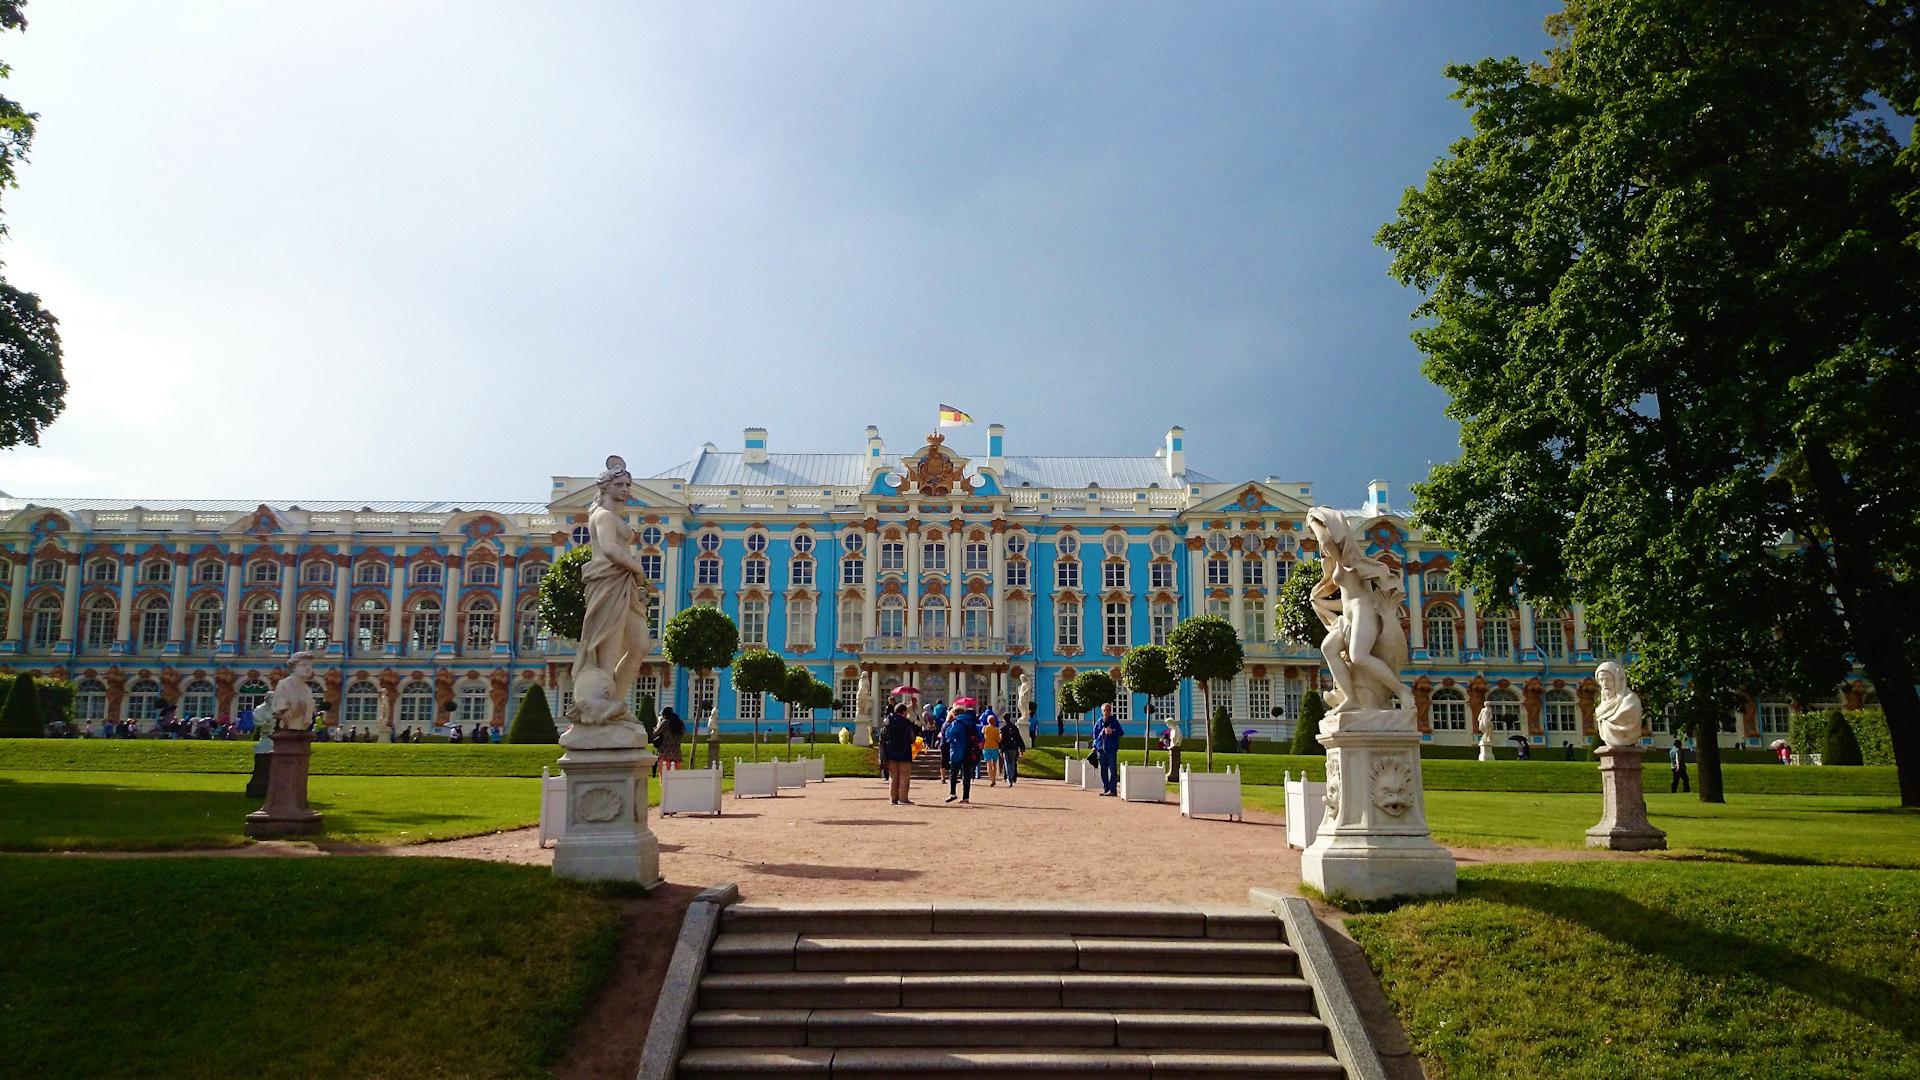 детям нравятся царское село фото с описанием открыли олимпиаду недоделками